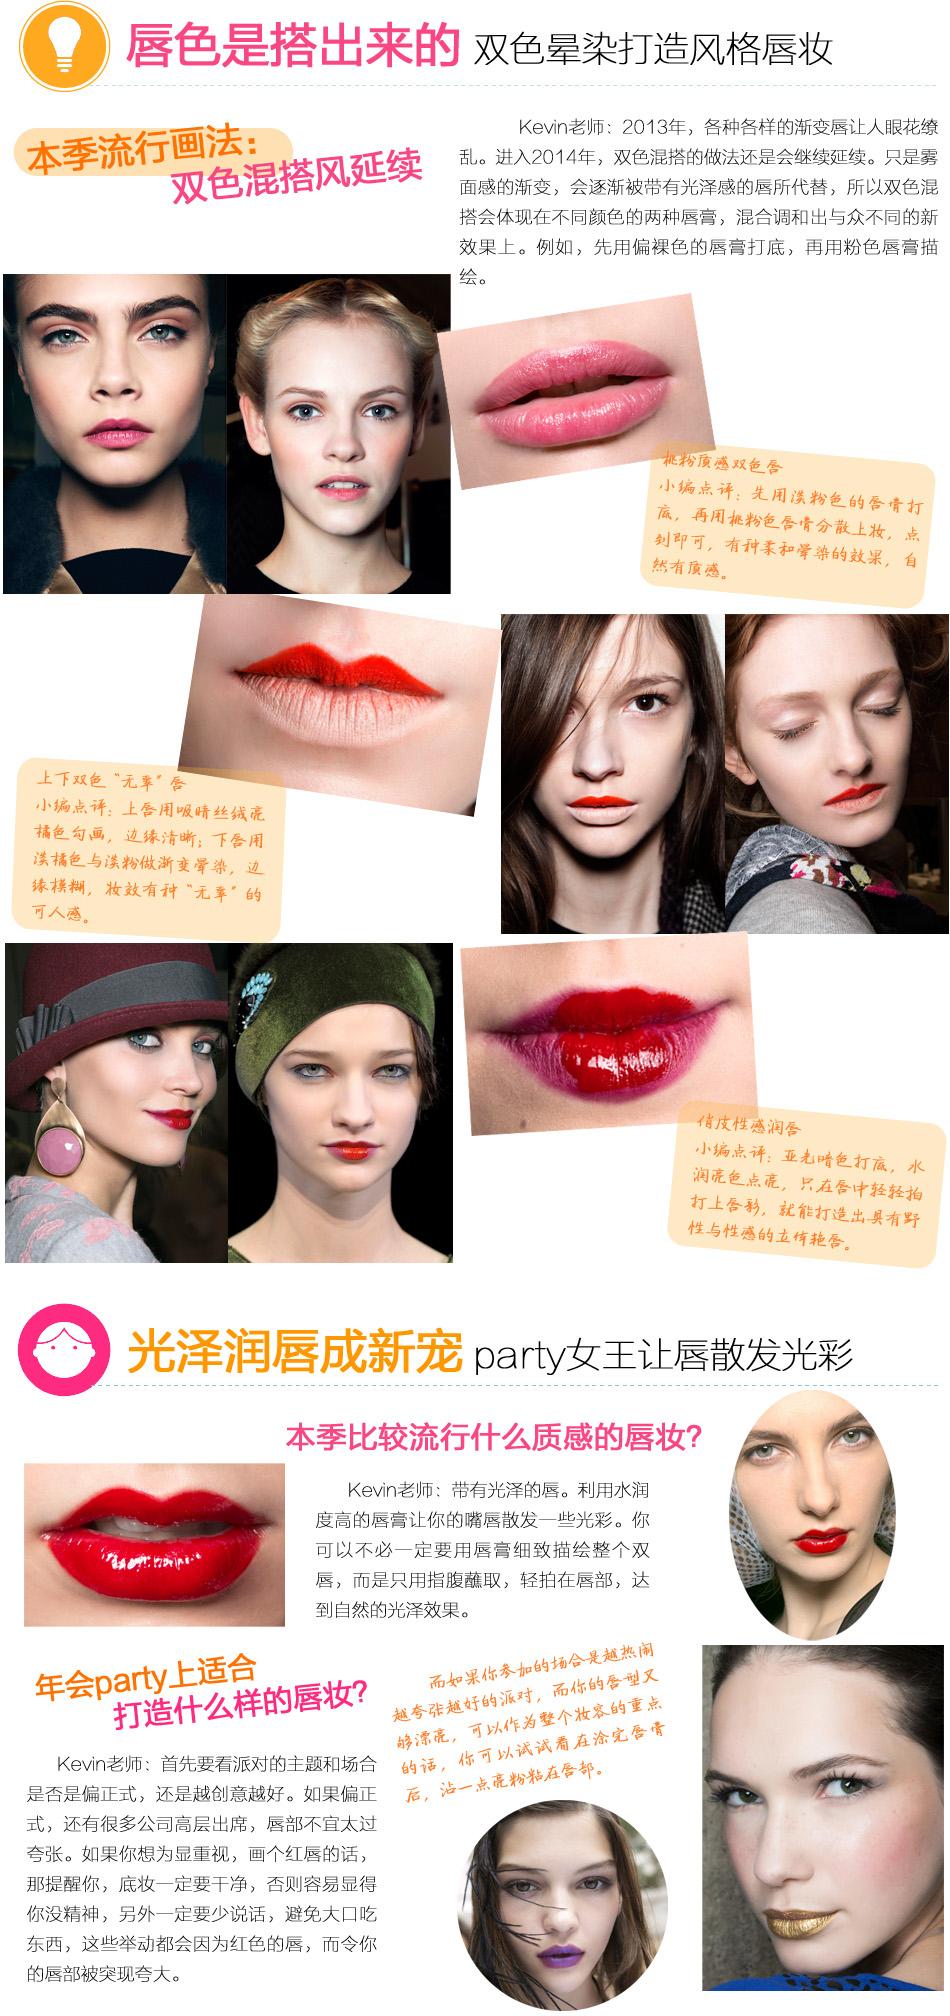 肌密大调查:开年唇妆就要炫 双色唇这么美你知道吗_新浪时尚_新浪网